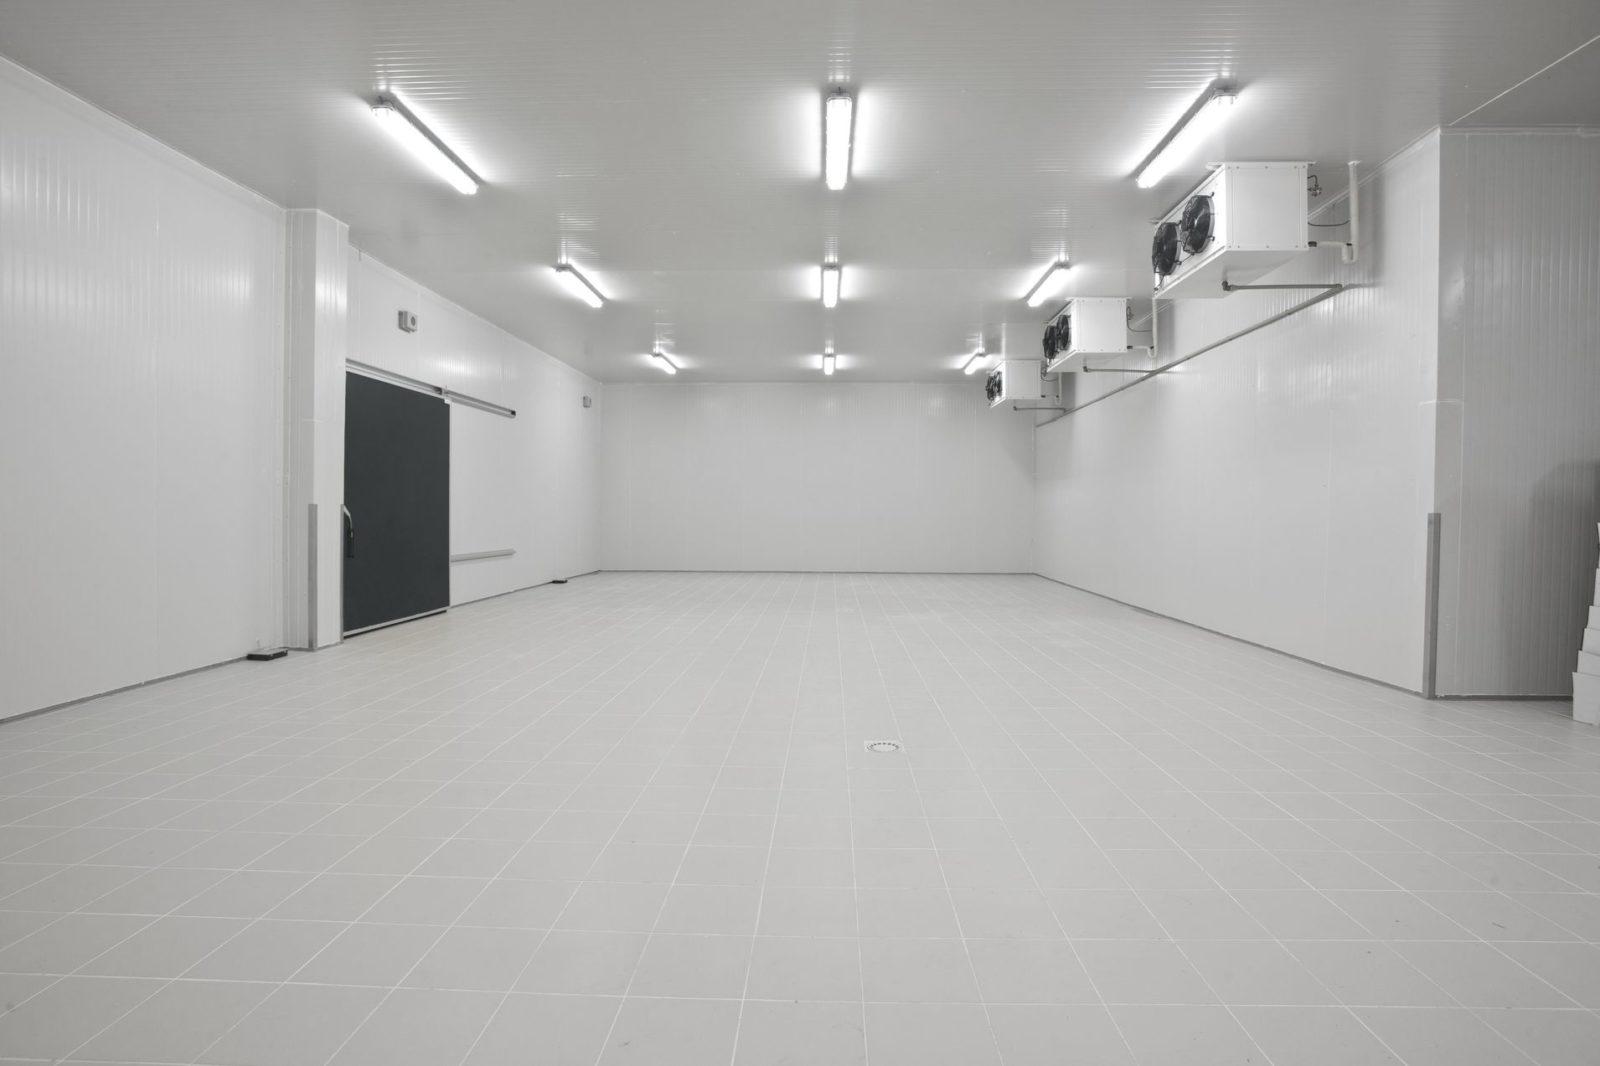 Kühlhalle